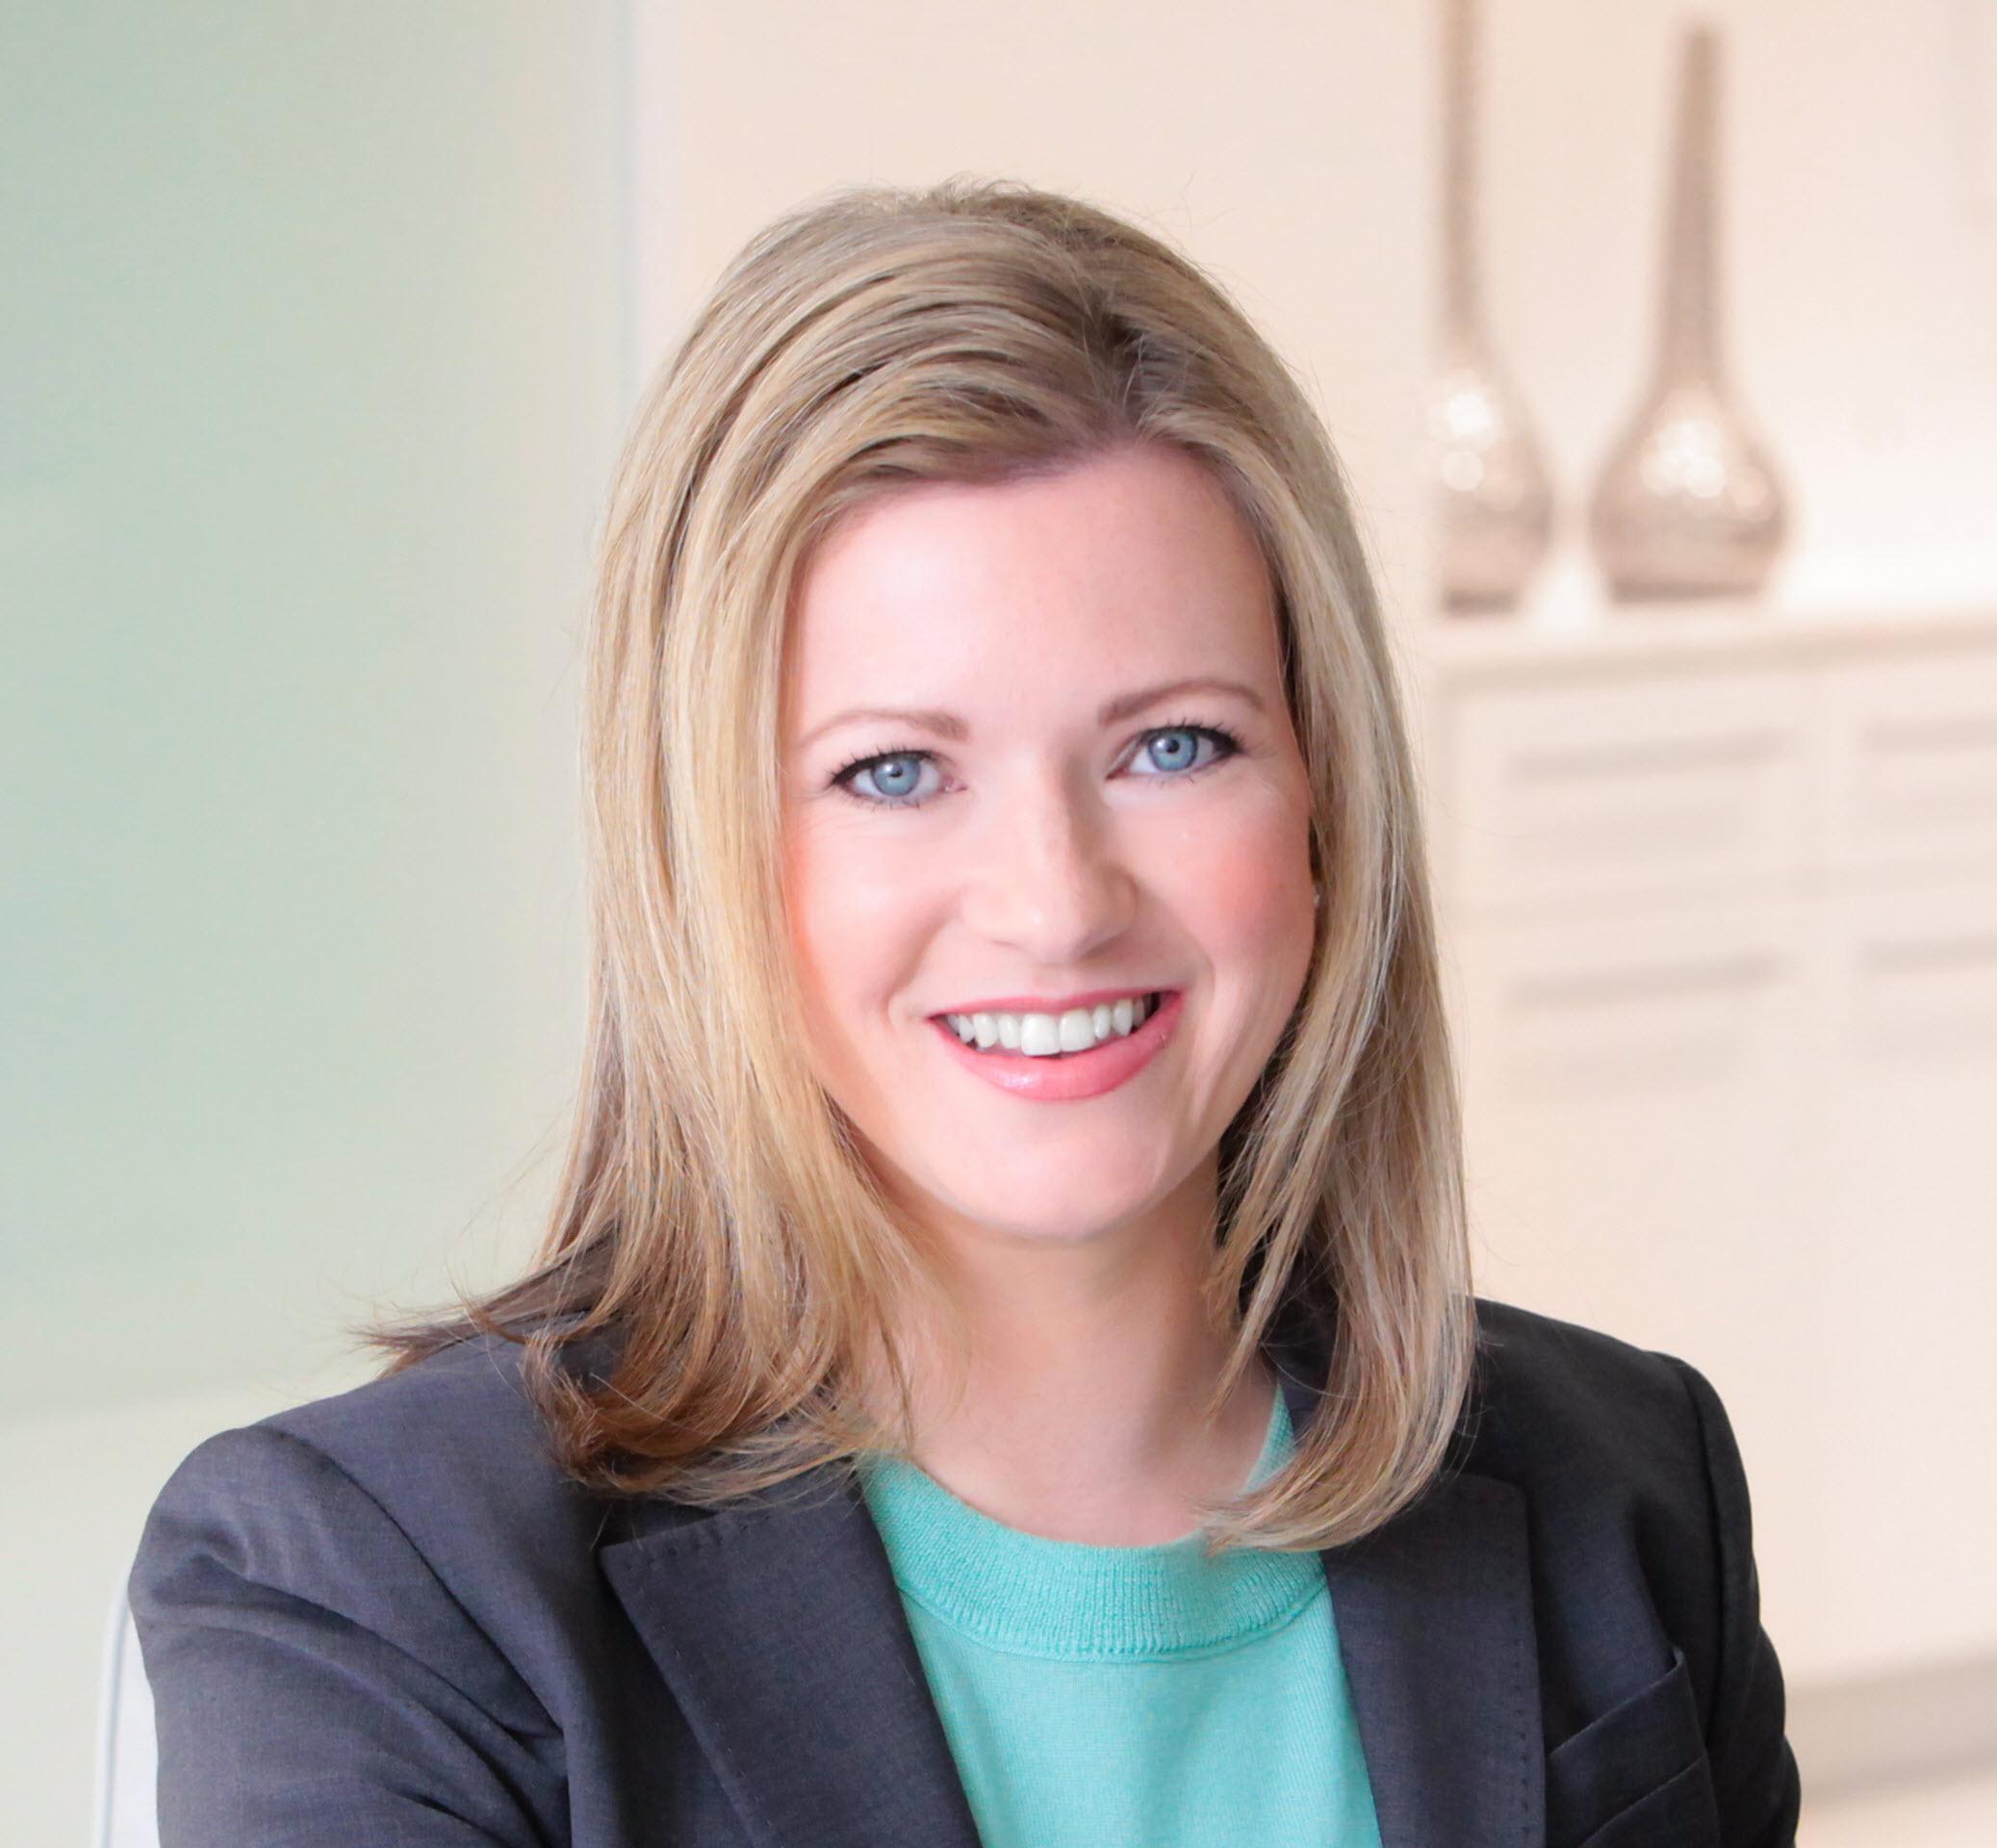 Lauren Edmonds